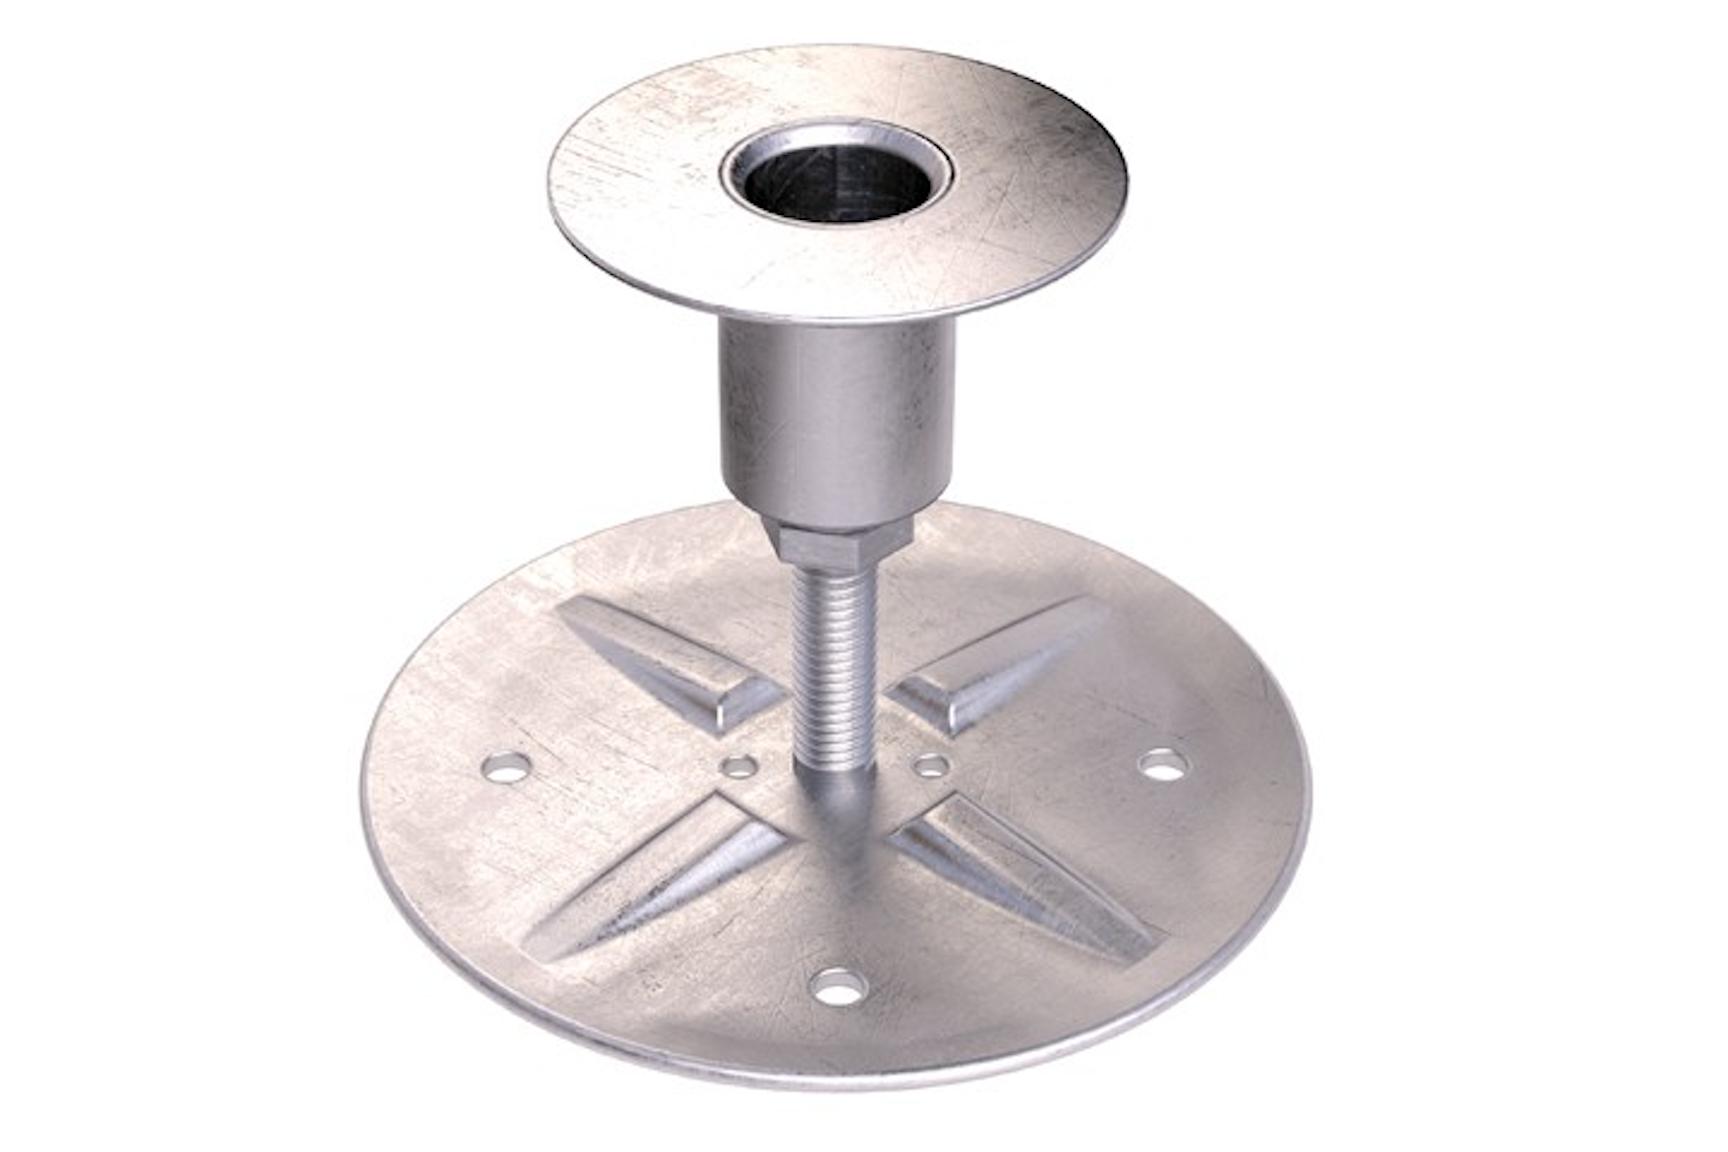 Fire-rated Adjustable Pedestal